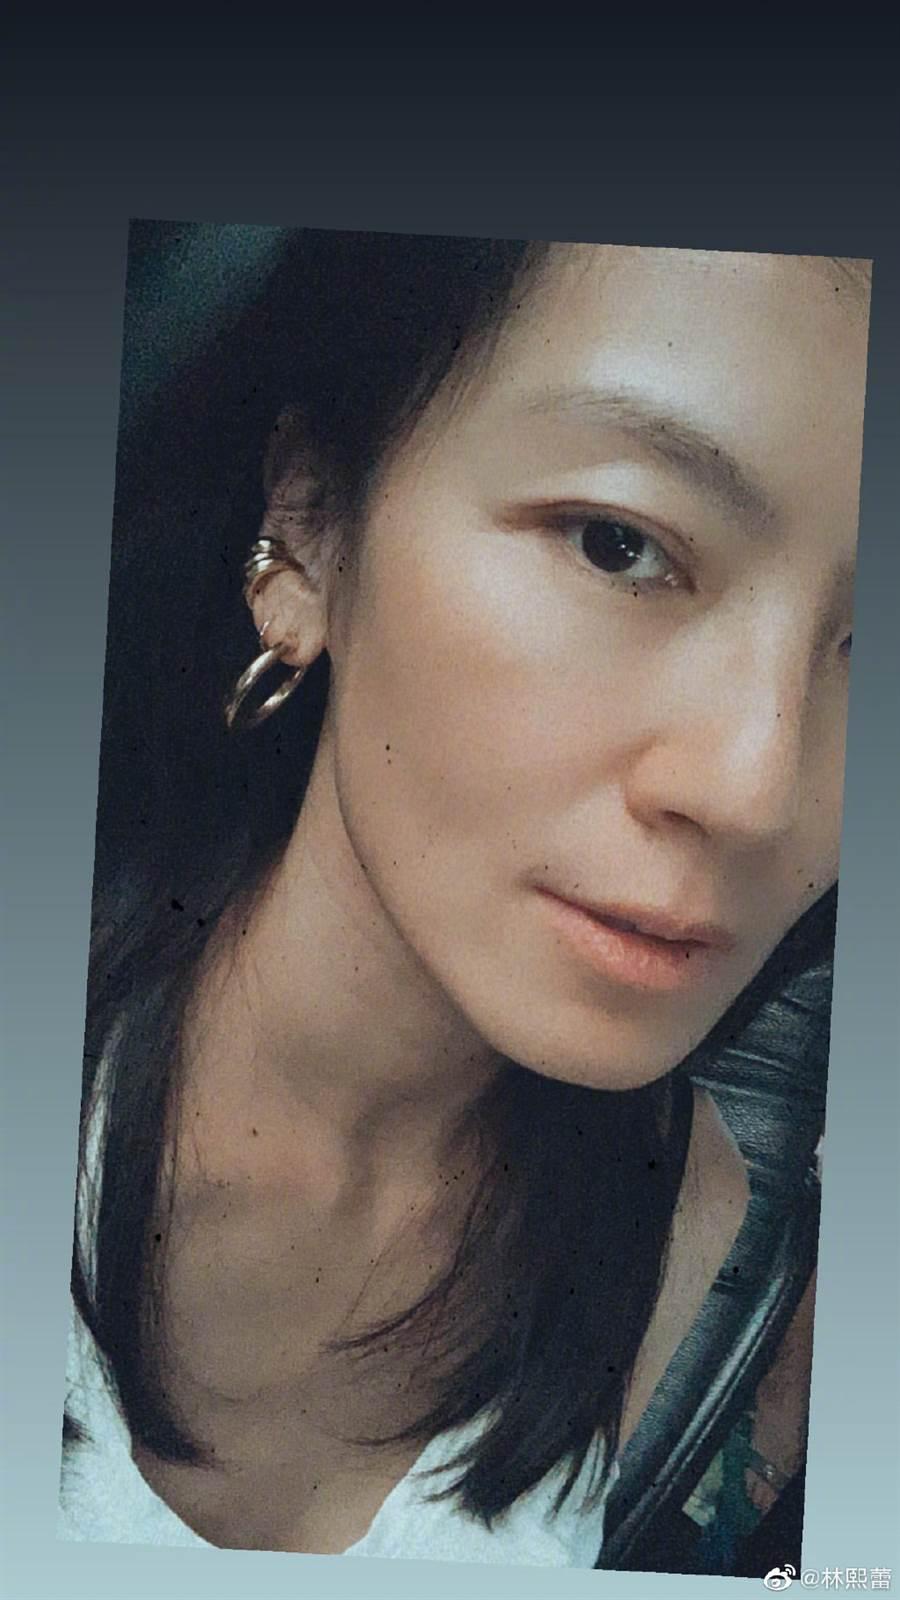 林熙蕾素顏自拍乍看不像她。(圖/翻攝自微博)